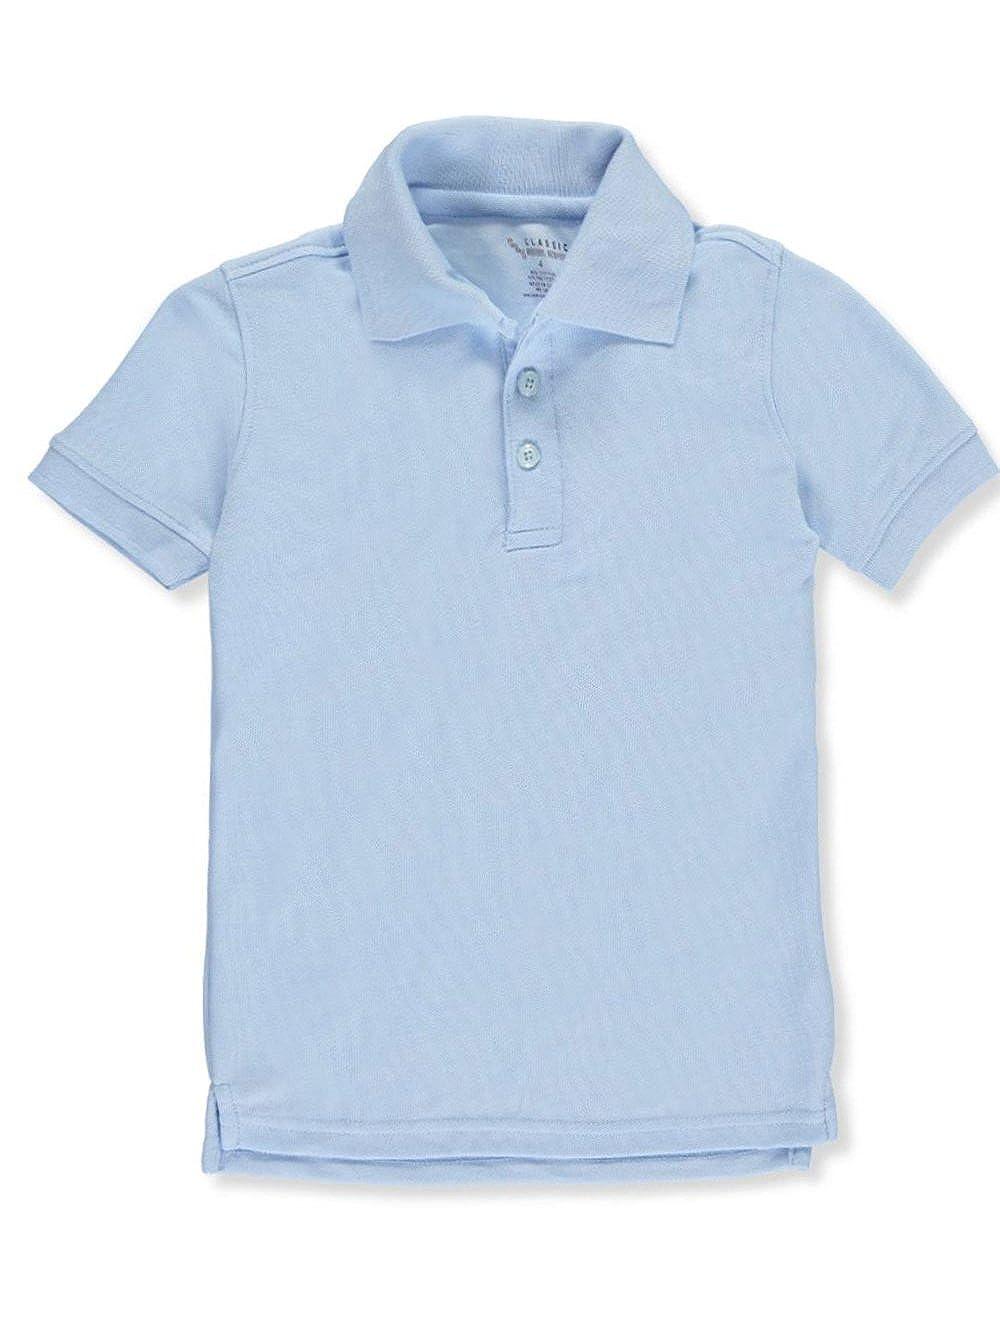 Cookie's Kids Classic School Uniform Little Boys' S/S Pique Polo - Blue, 4